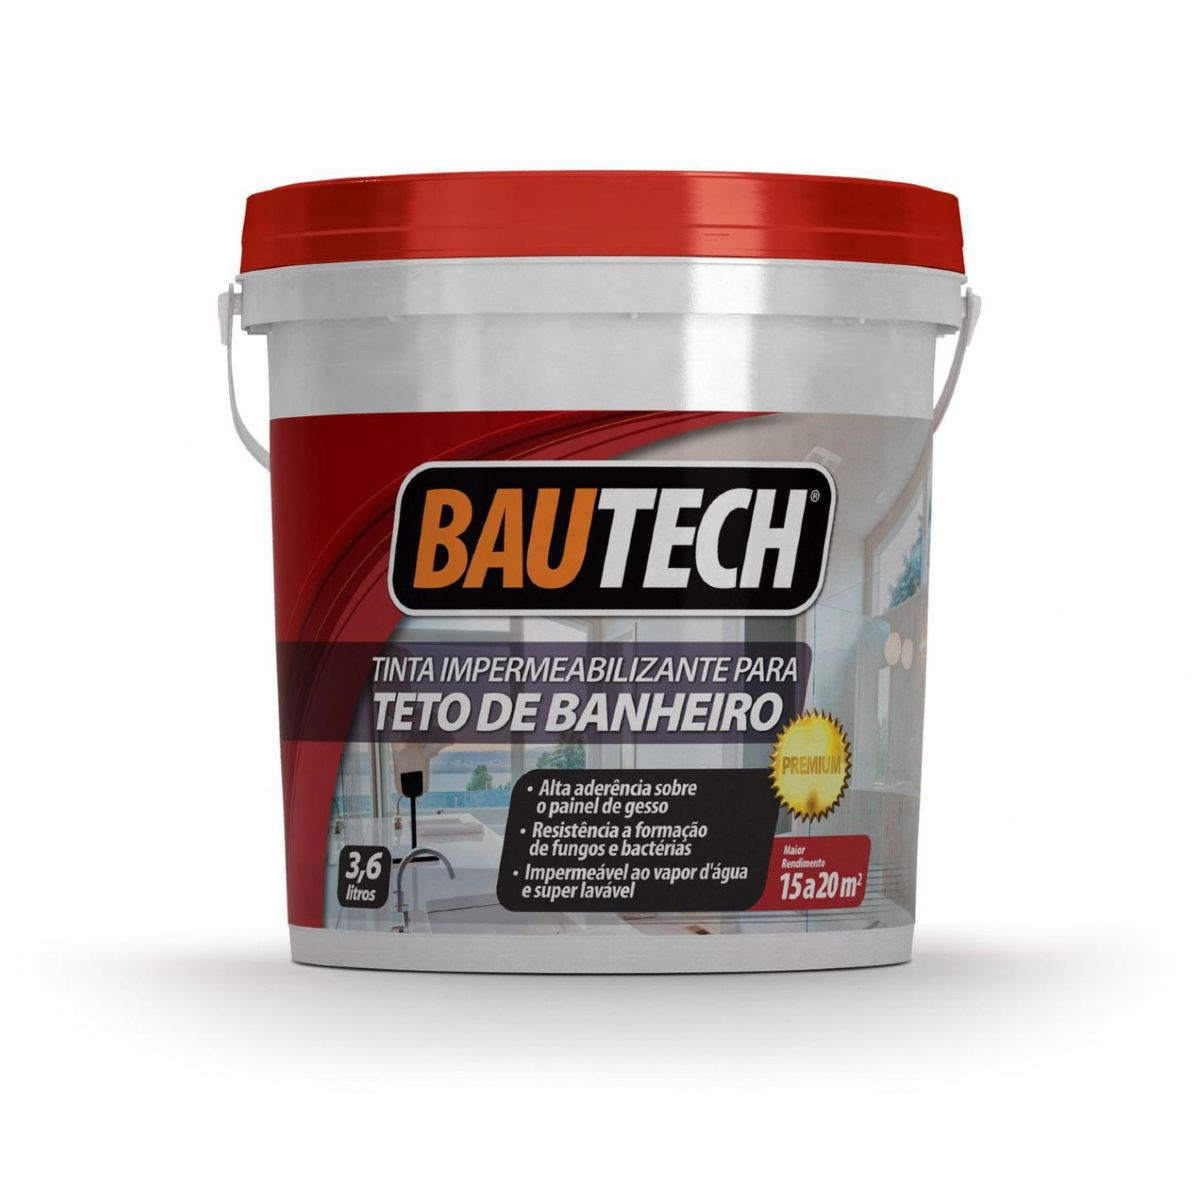 Tinta Impermeabilizante Para Teto De Banheiro 3,6l Bautech